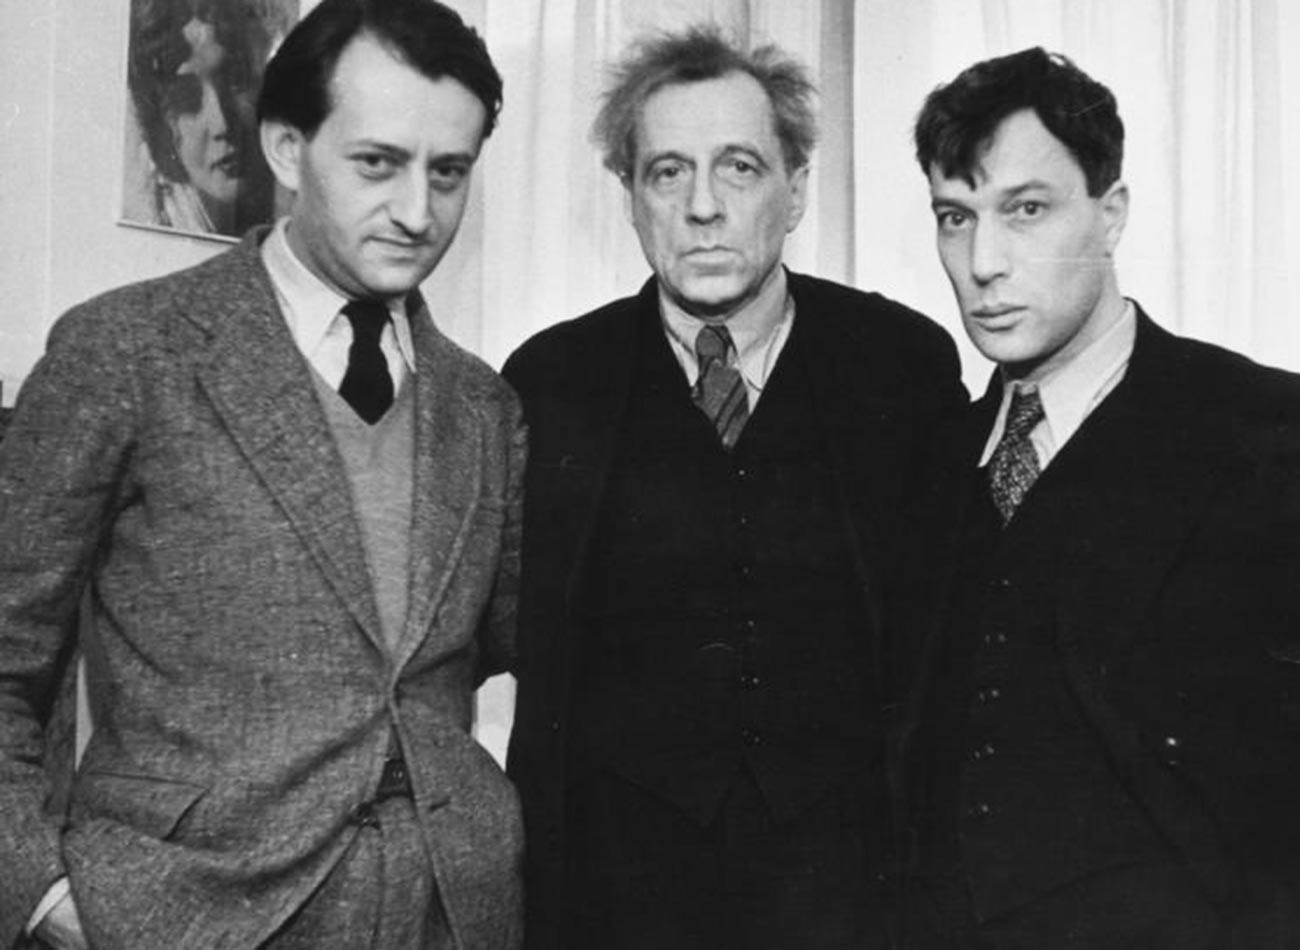 Od leve proti desni: Andre Malraux, Vsevolod Mejerhold, Boris Pasternak